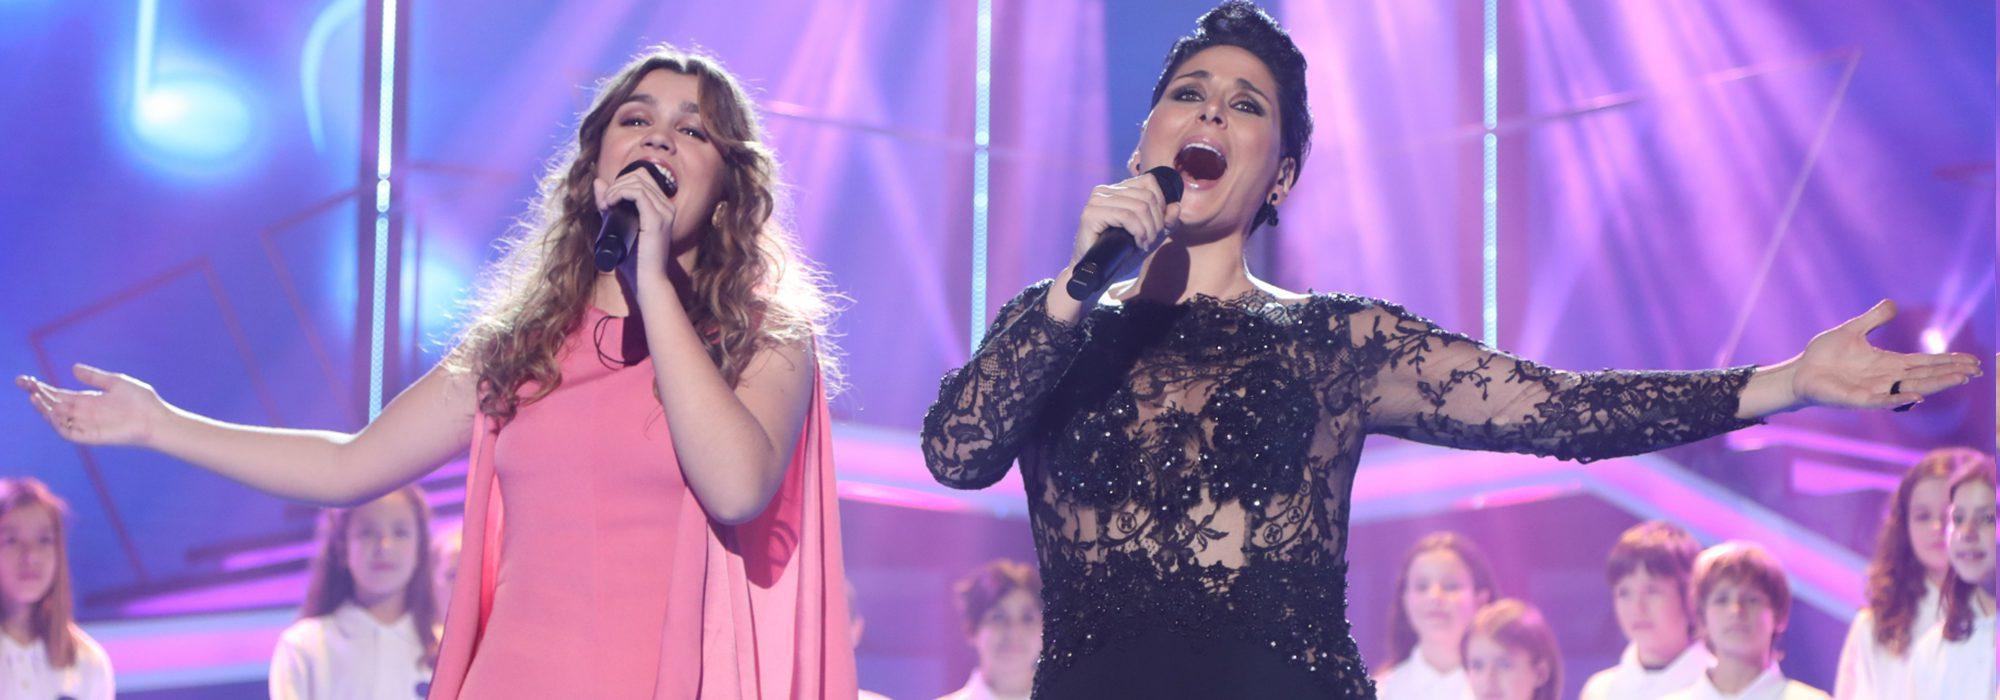 9 consejos que los representantes de Eurovisión han dado a los concursantes en sus visitas a 'OT 2017'